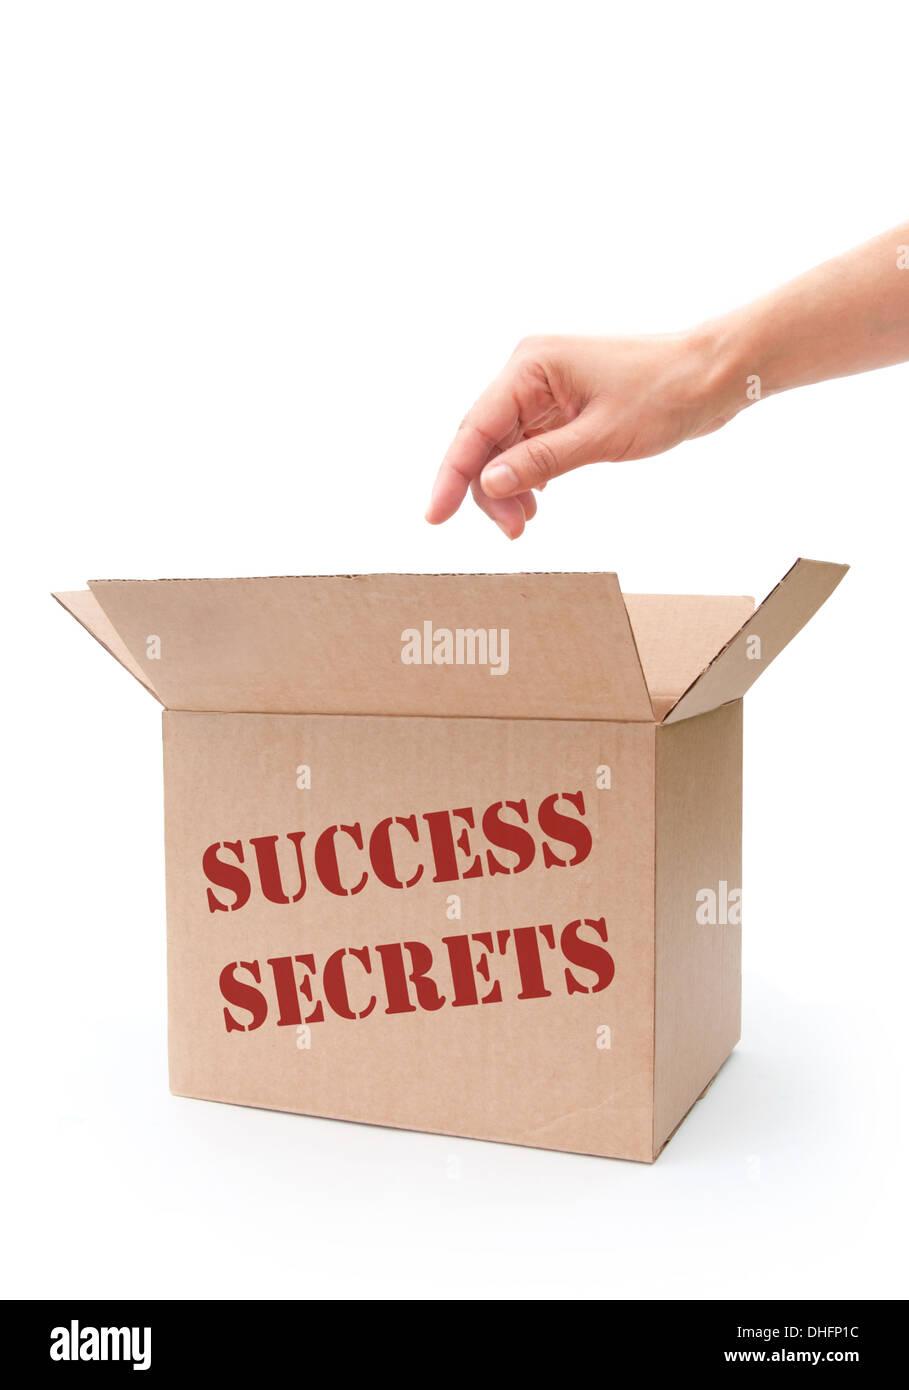 Los secretos del éxito concepto Imagen De Stock